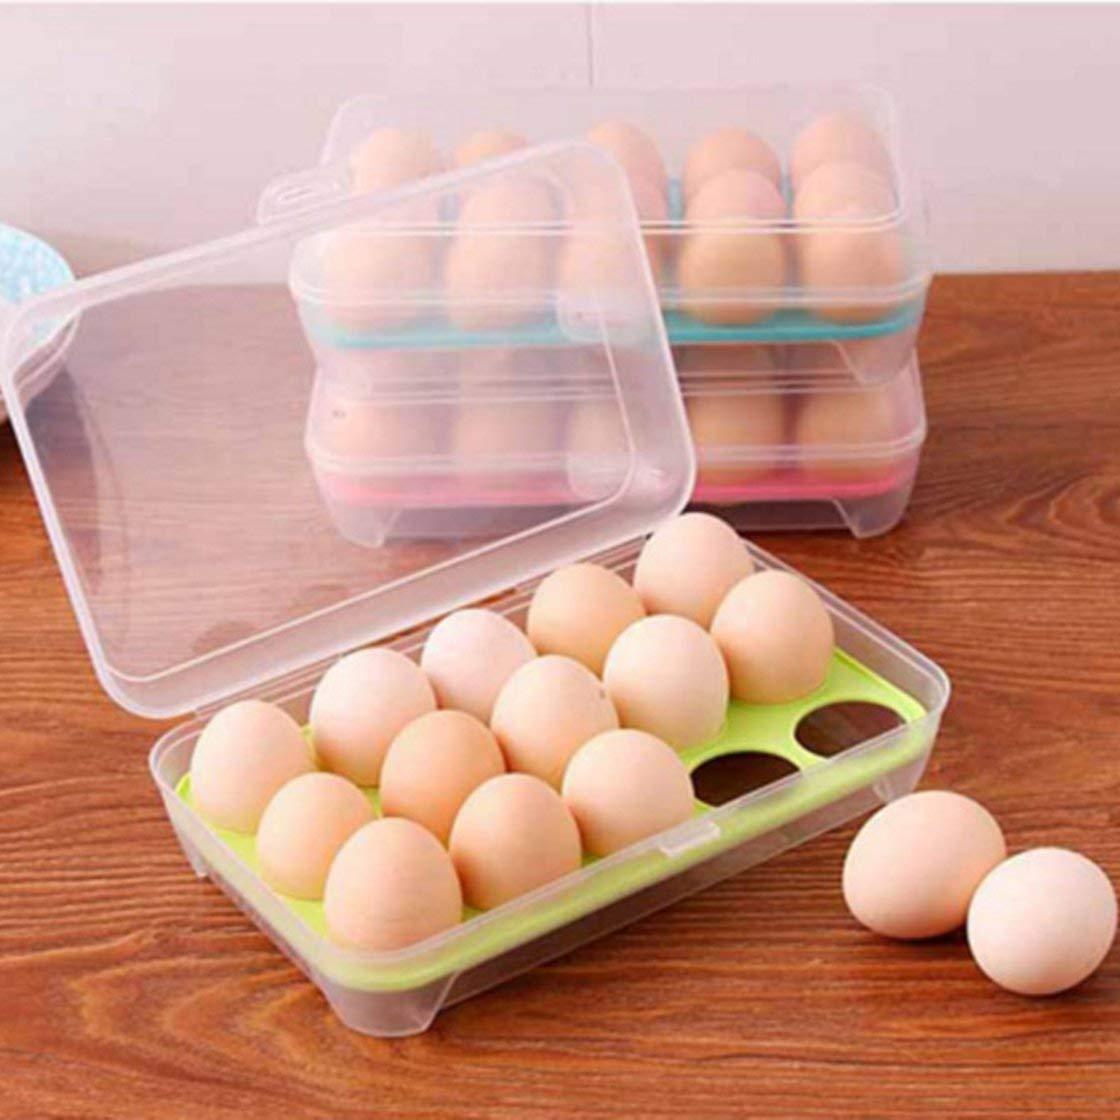 Huevos port/átiles Organizador de Rejilla Preservaci/ón Caja de Almacenamiento Refrigerador Caja n/ítida Garant/ía de Seguridad Integral